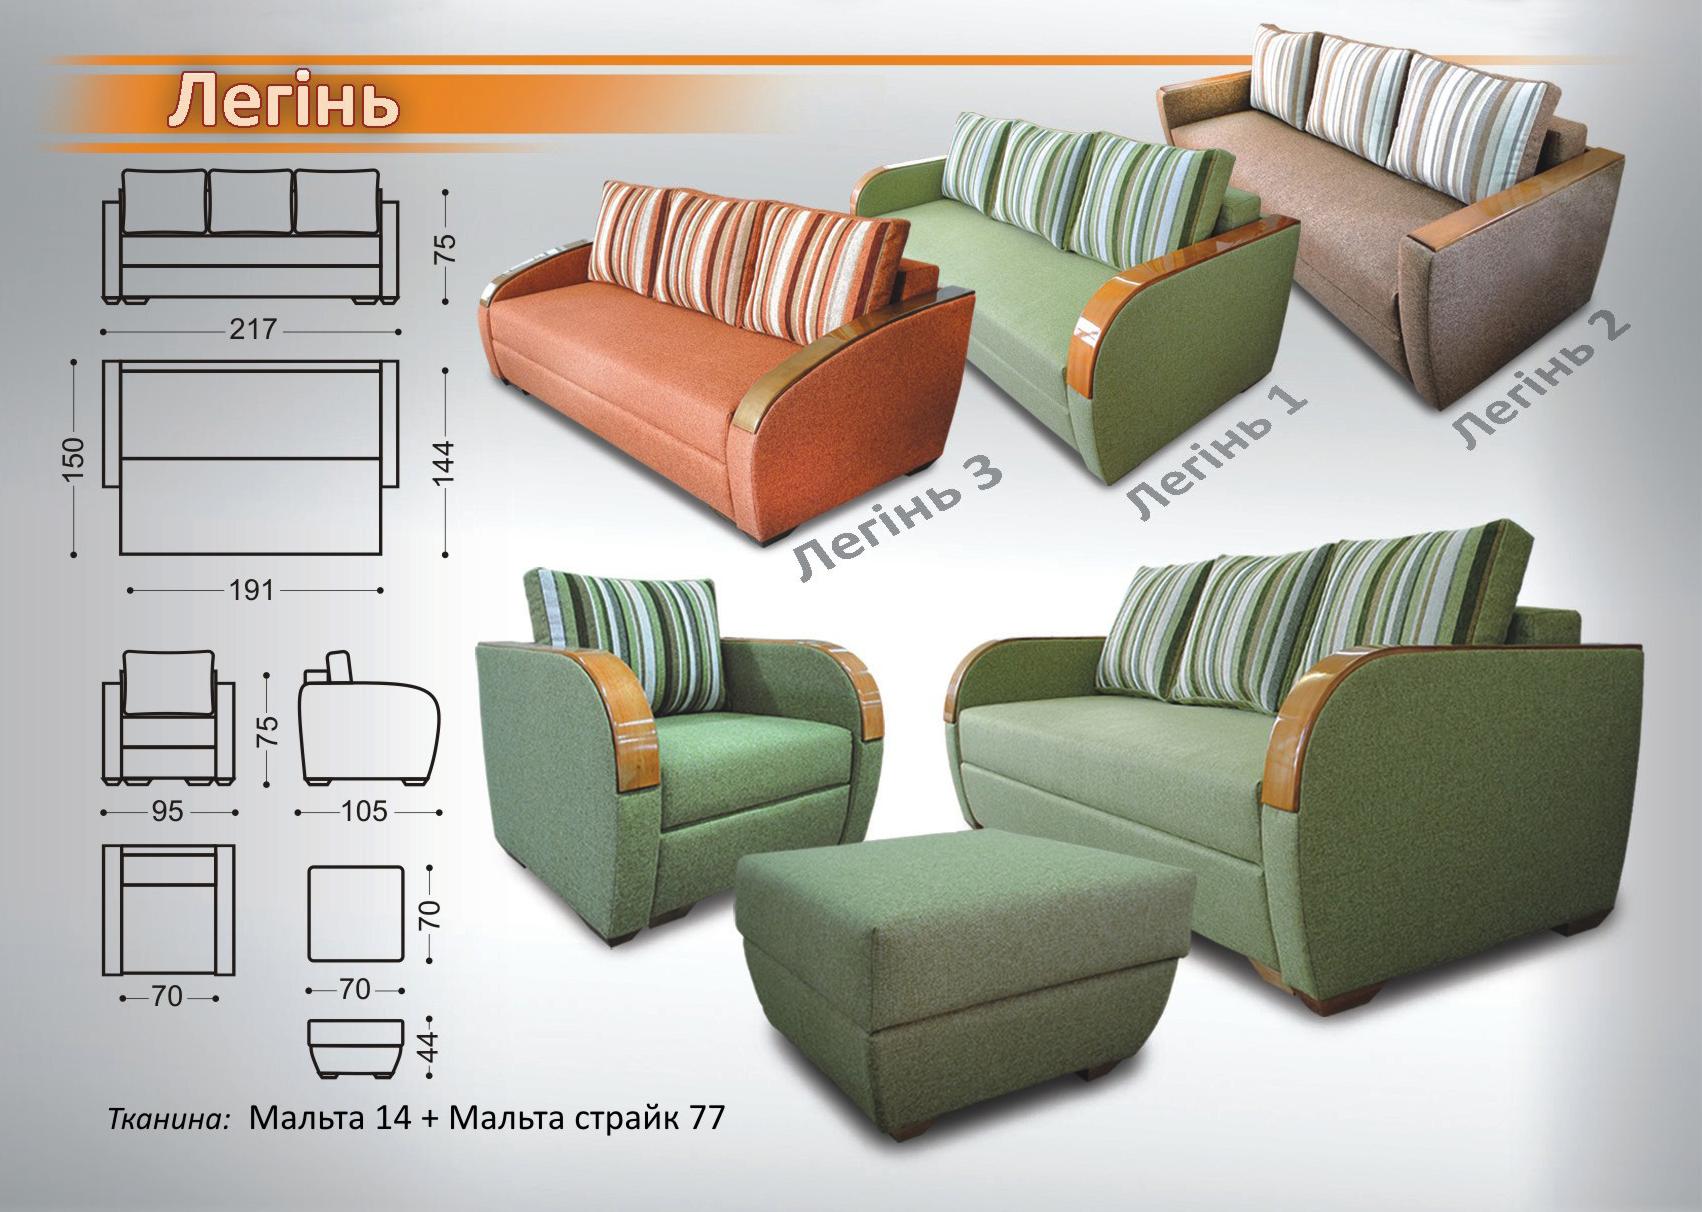 Разновидности дивана Легинь